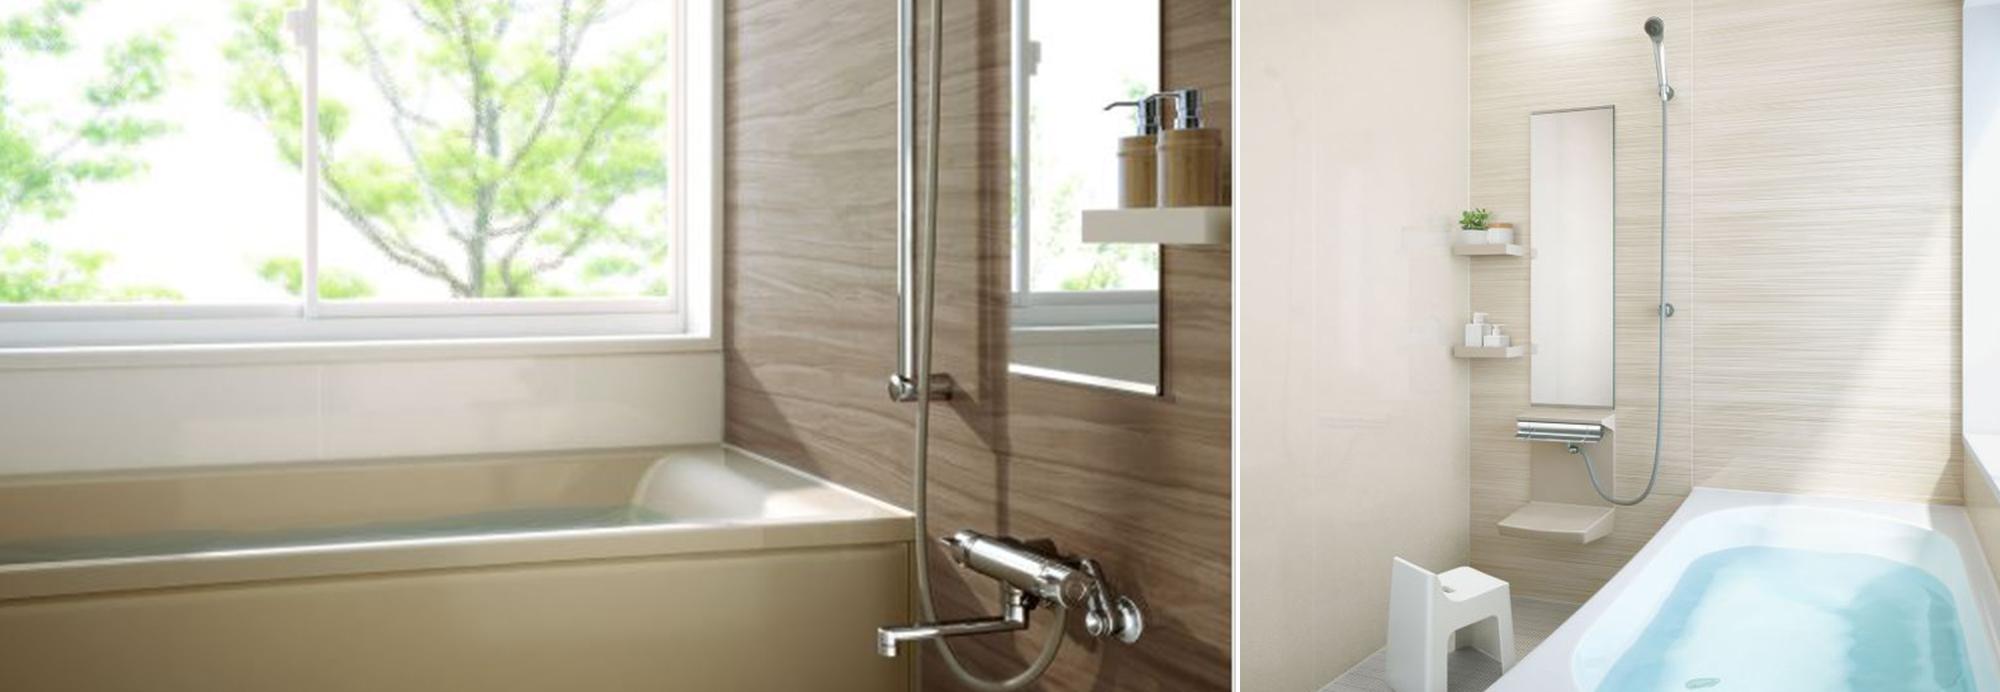 アゲルホーム バスルーム 標準装備